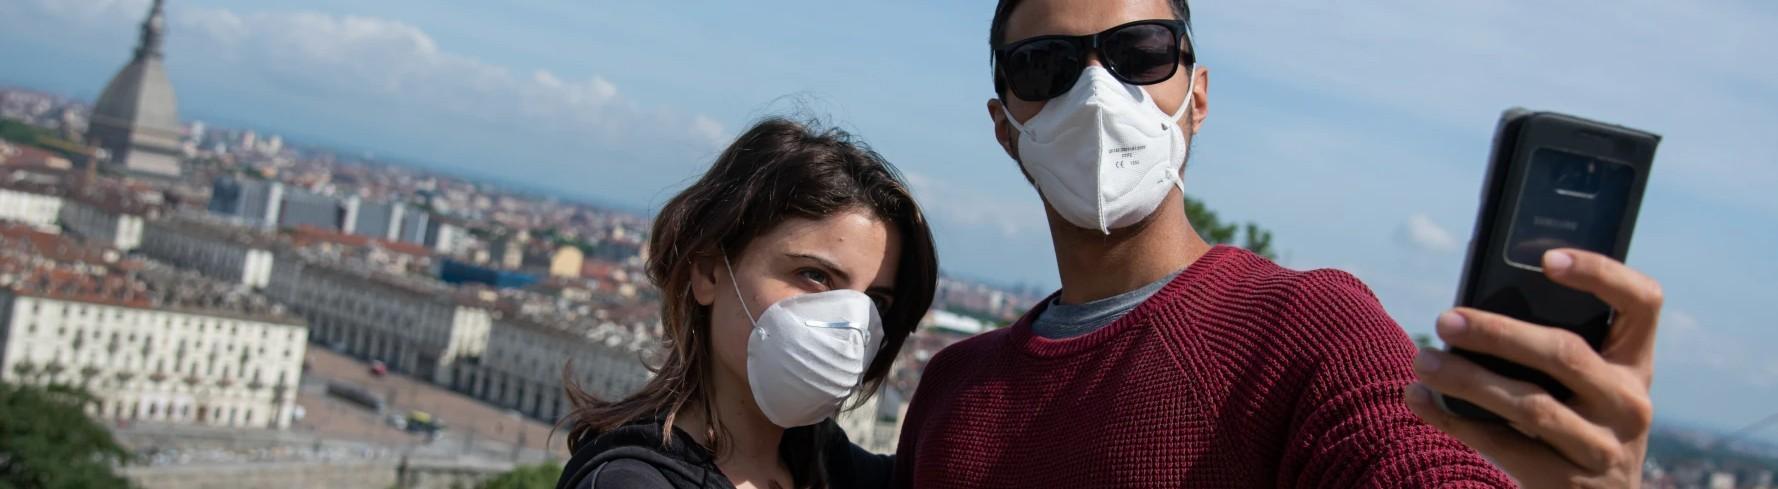 Ein Paar in Turin trägt einen Mundschutz und macht ein Selfie.